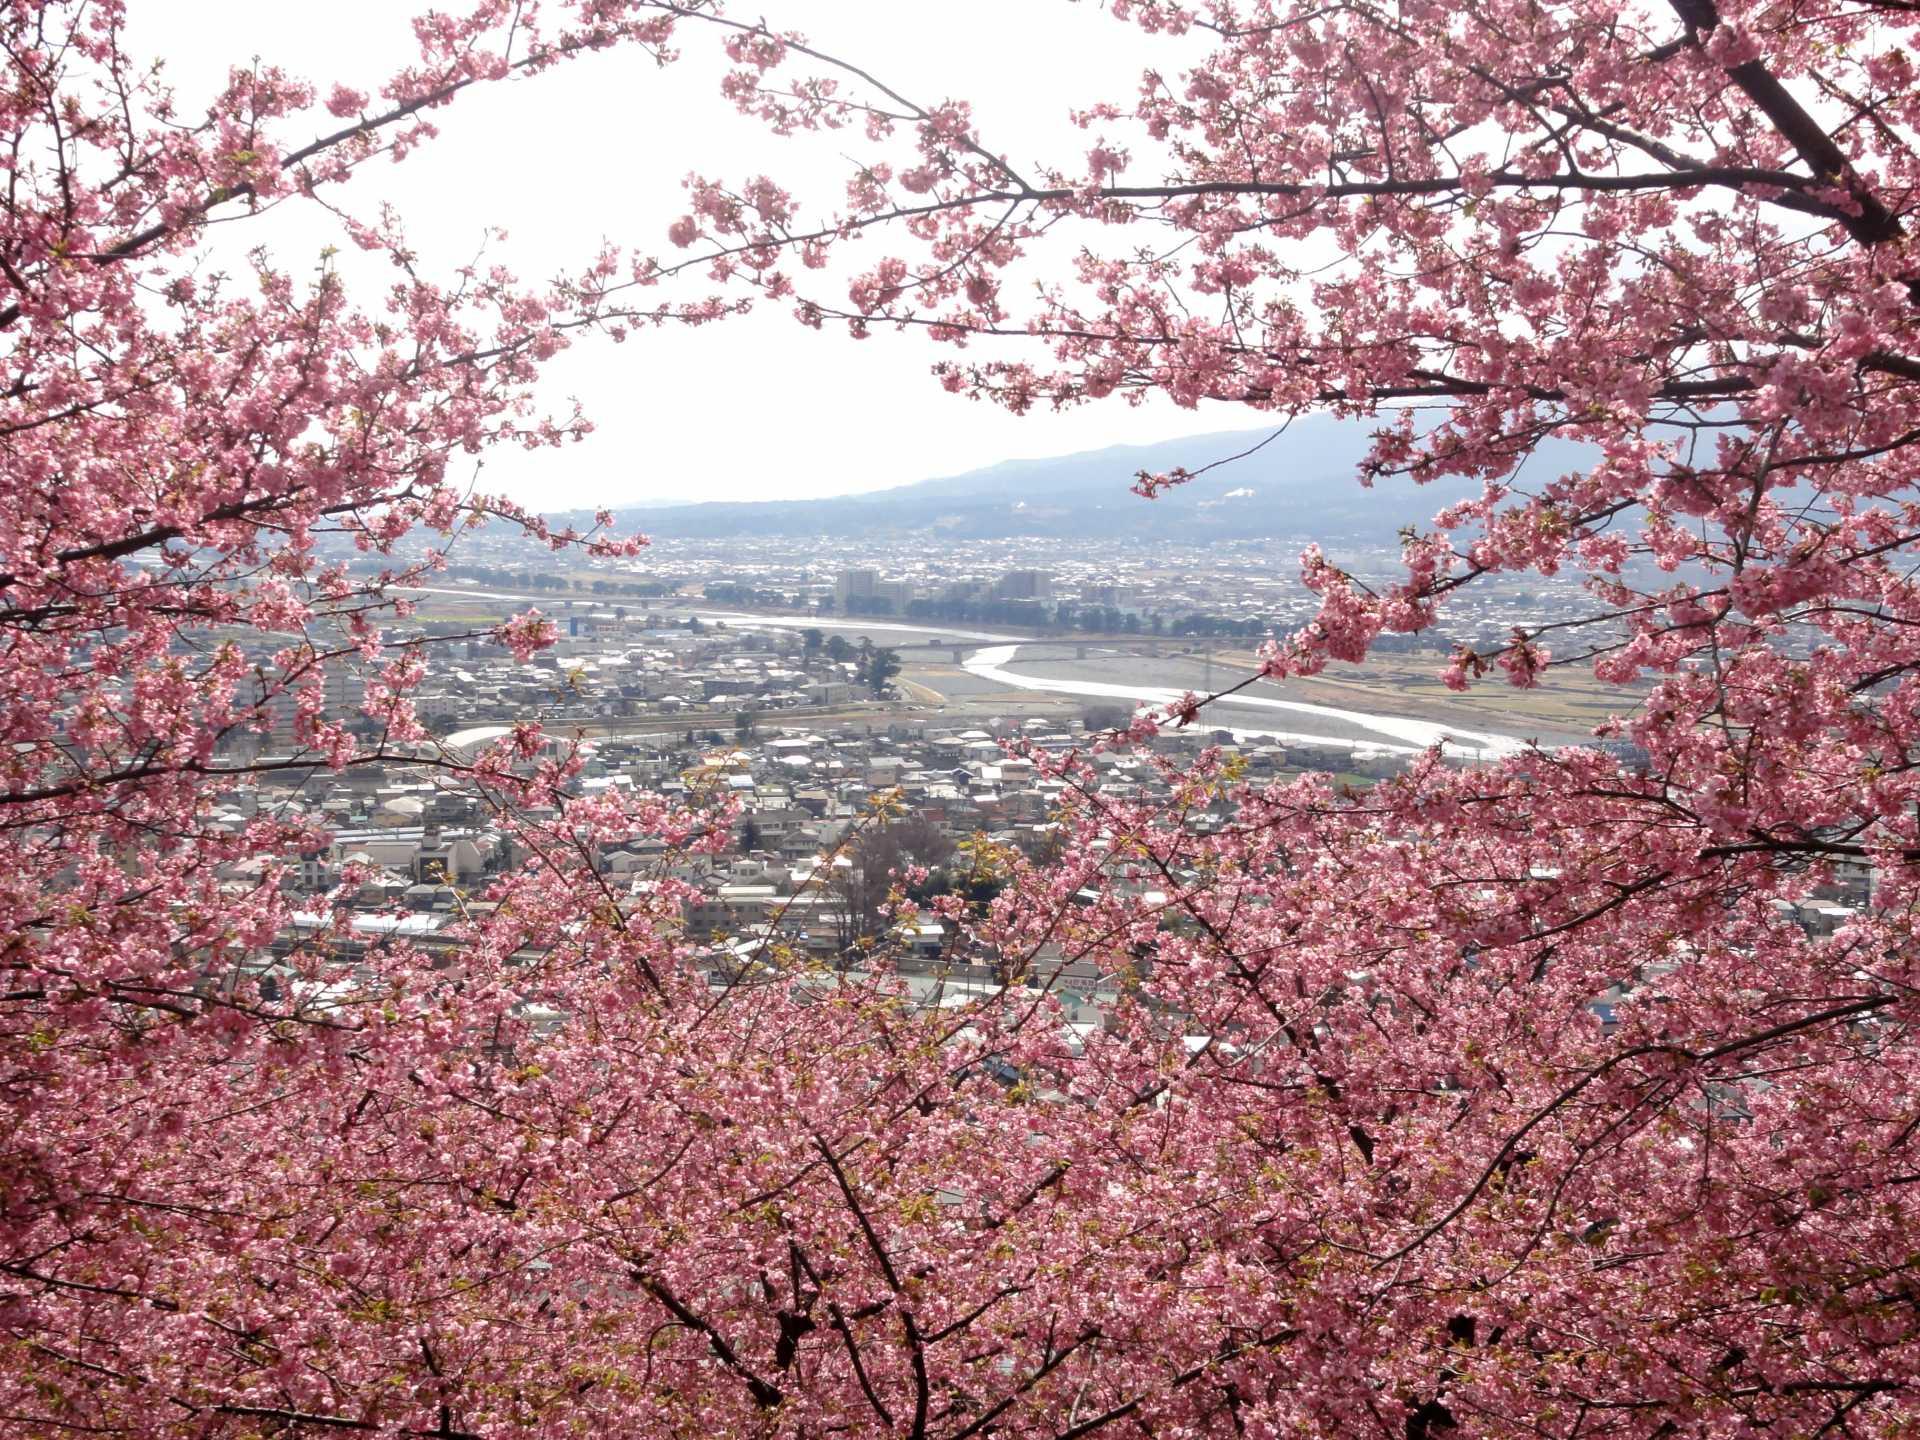 從松田山上拍到的景色